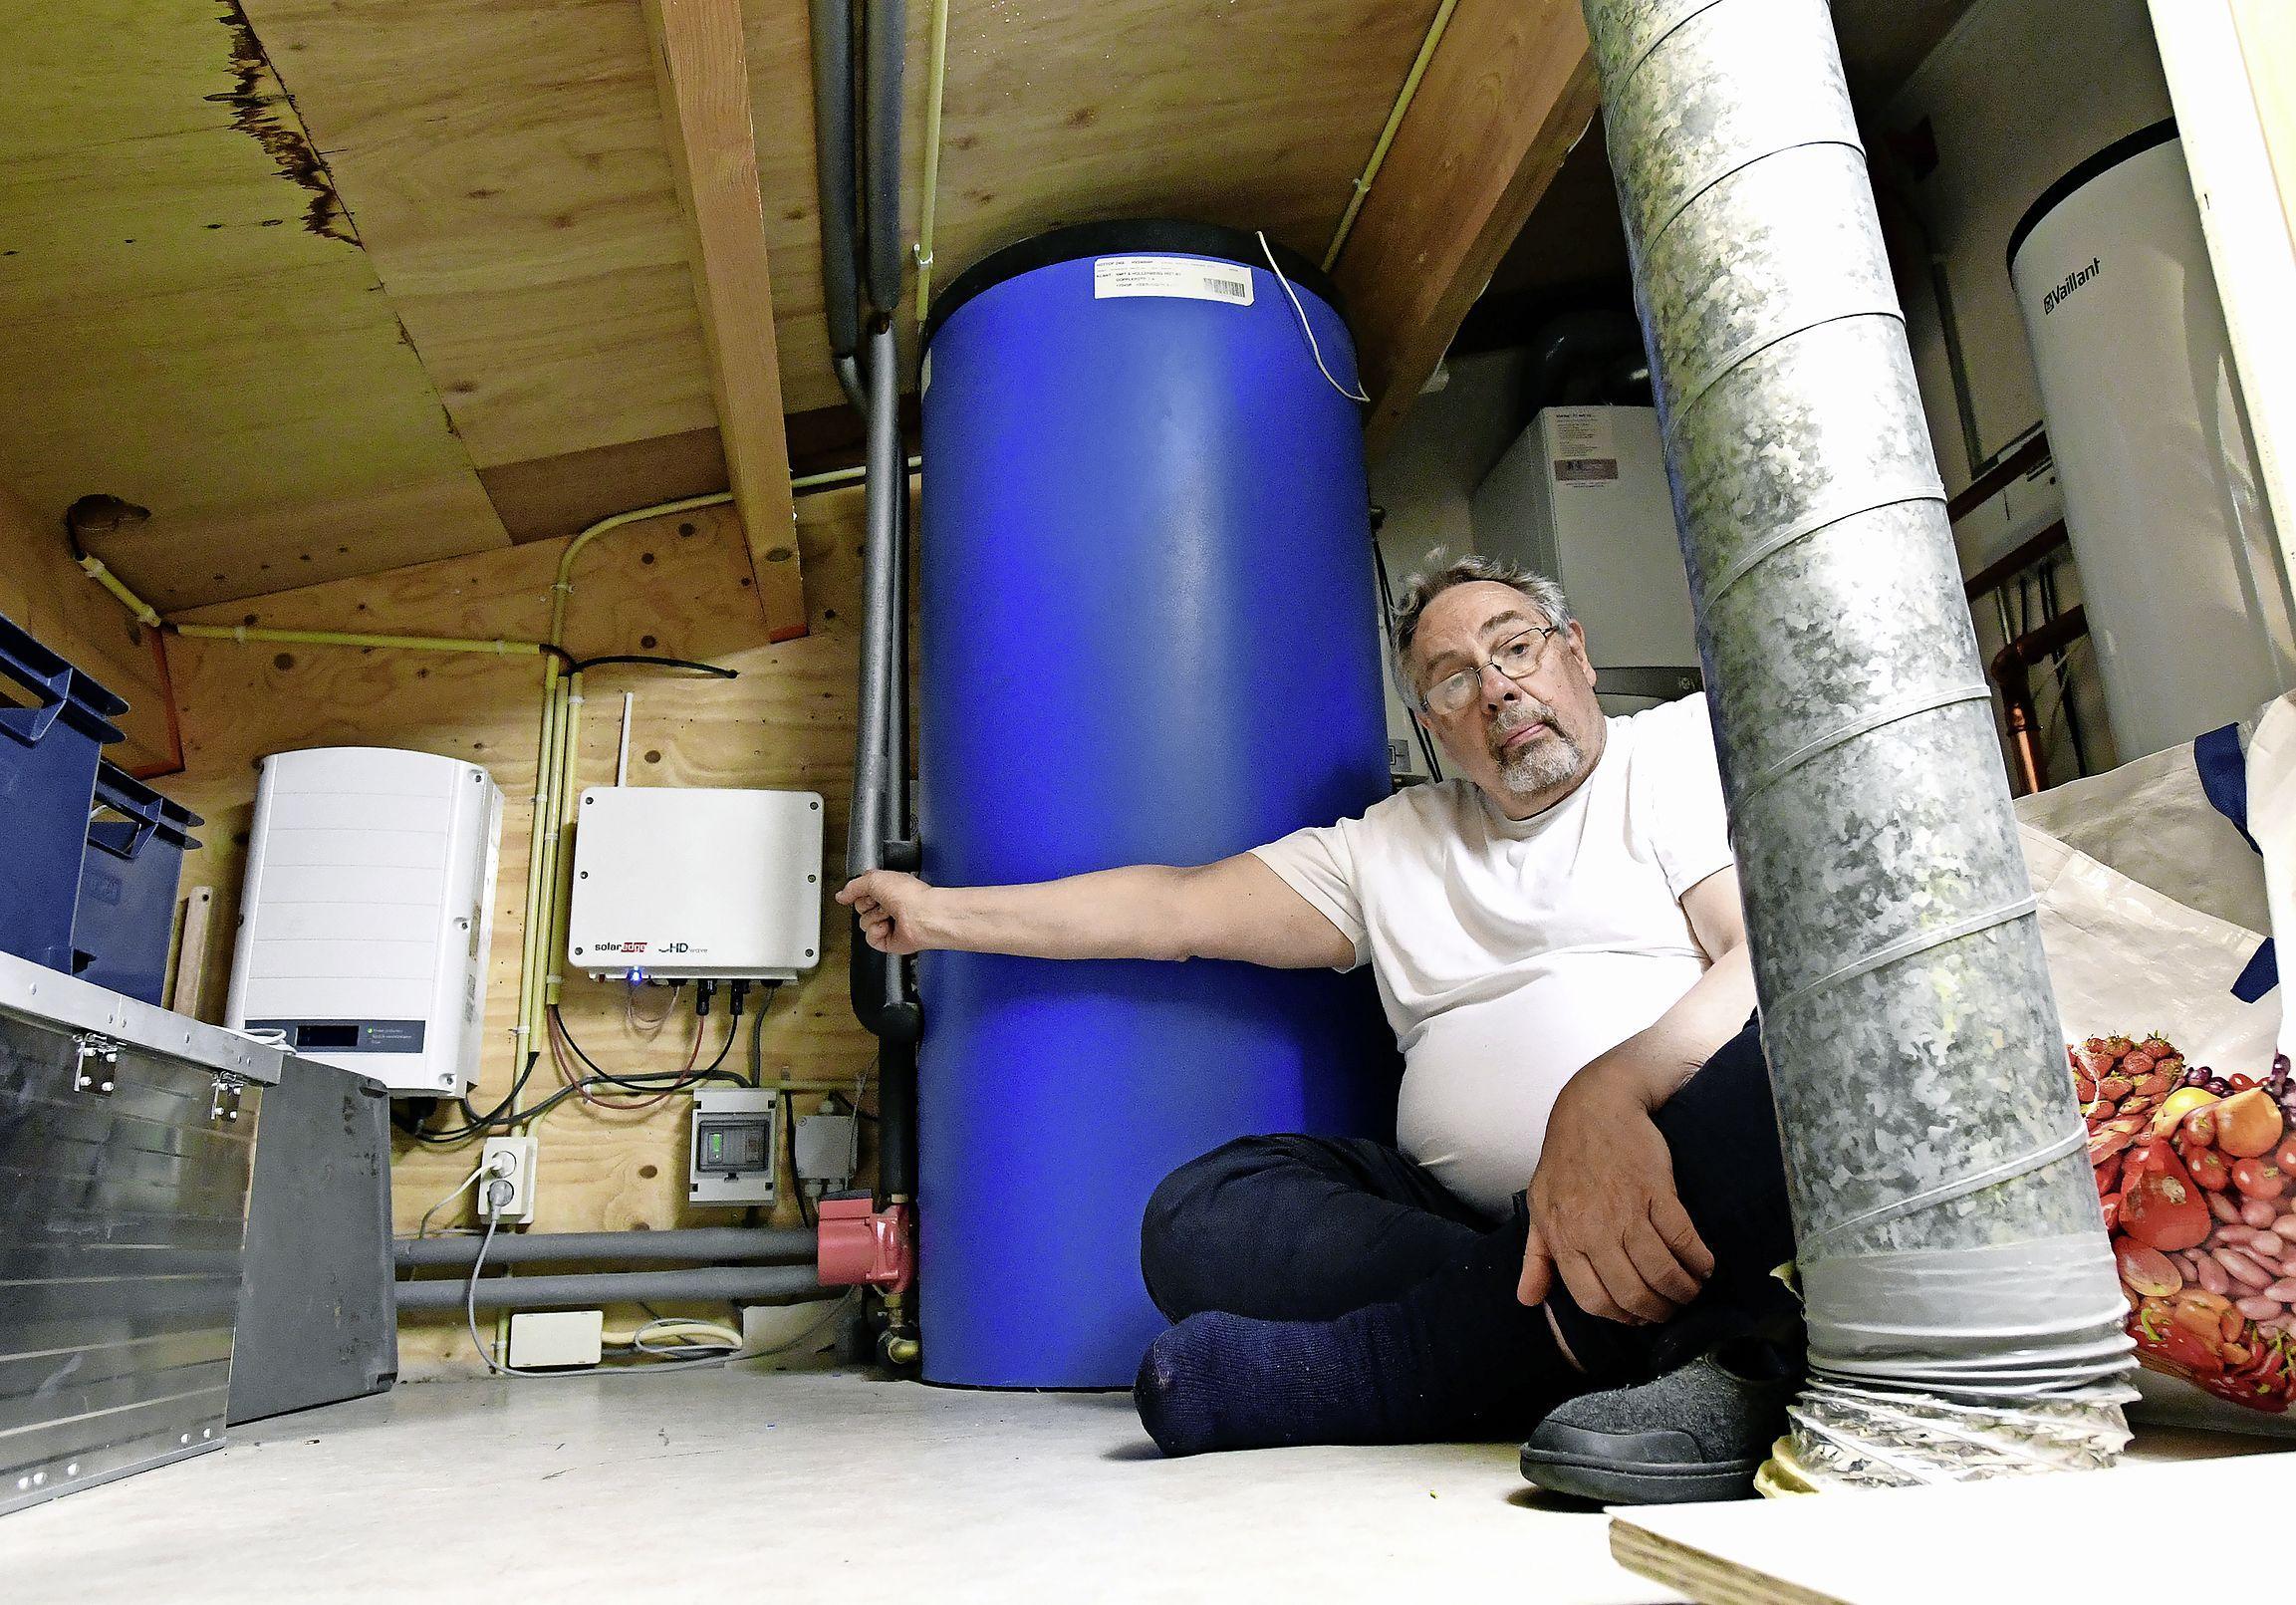 Leuk, die zonnepanelen op je dak. Maar als het net overbelast is, kun je geen stroom terugleveren. 'De gemeente spoort inwoners aan om zonnepanelen aan te schaffen, maar vertelt er niet bij welke problemen je dan kunt krijgen', zegt Jan Kaauw